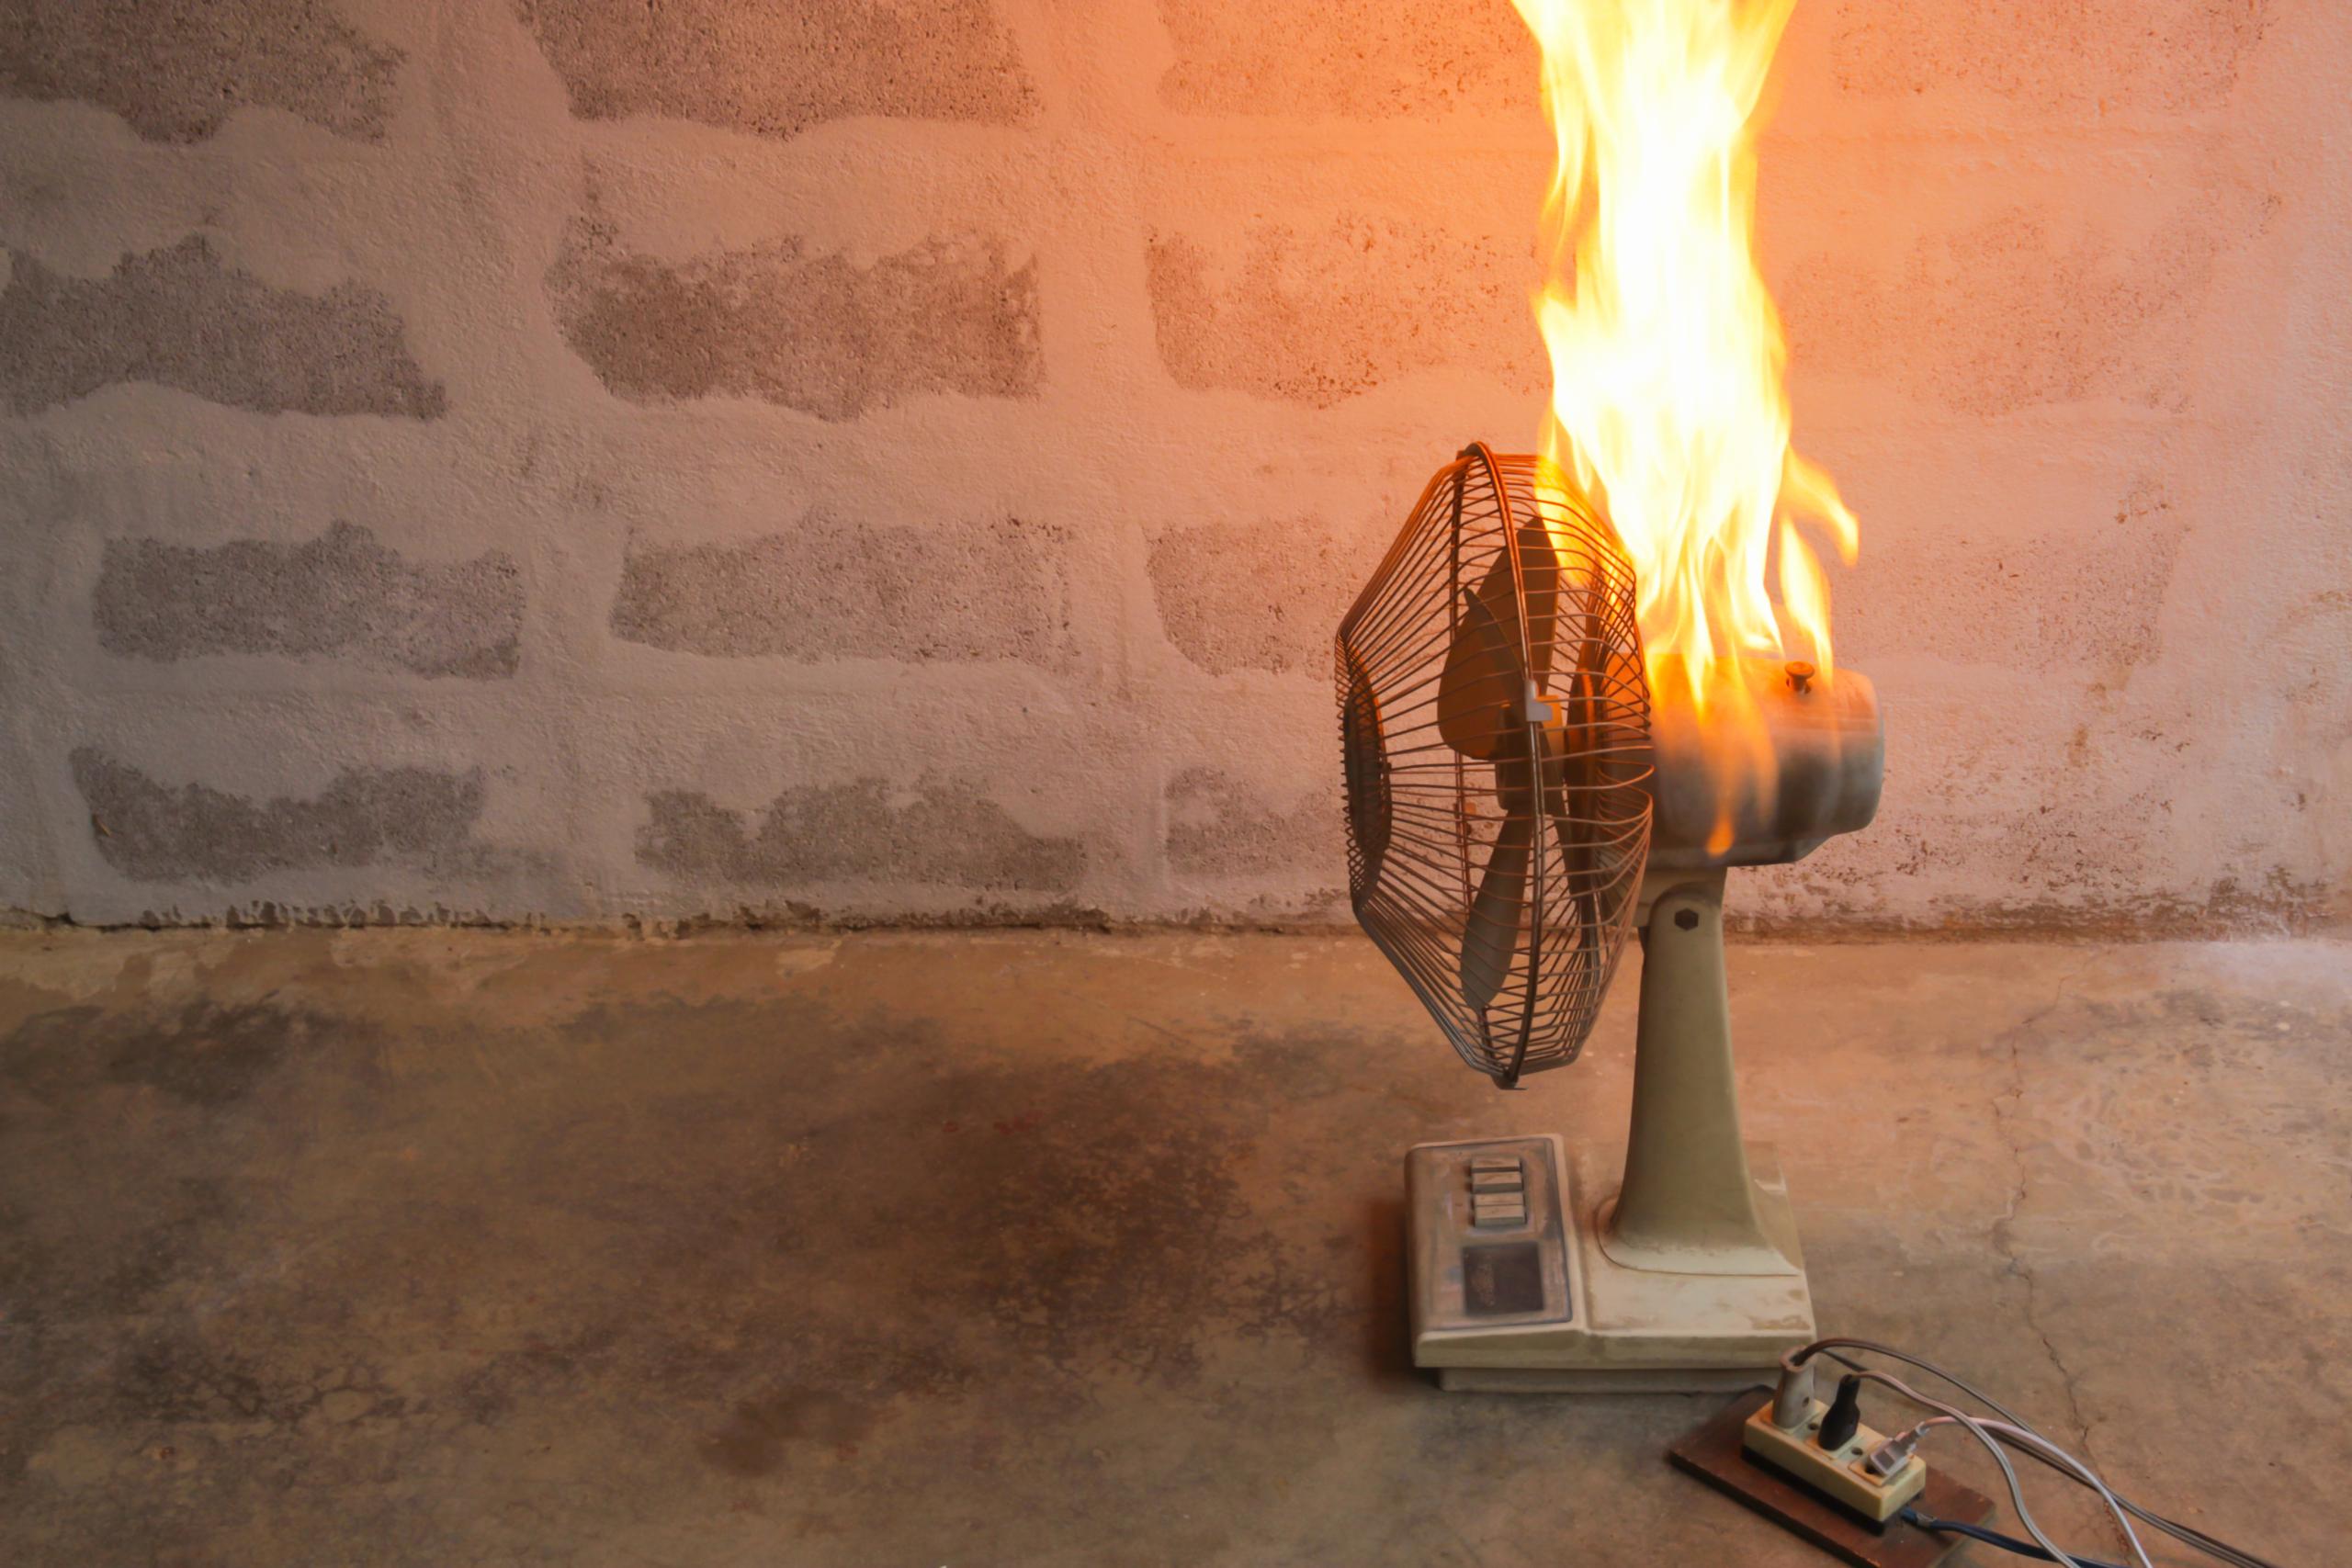 Defective Fan on Fire